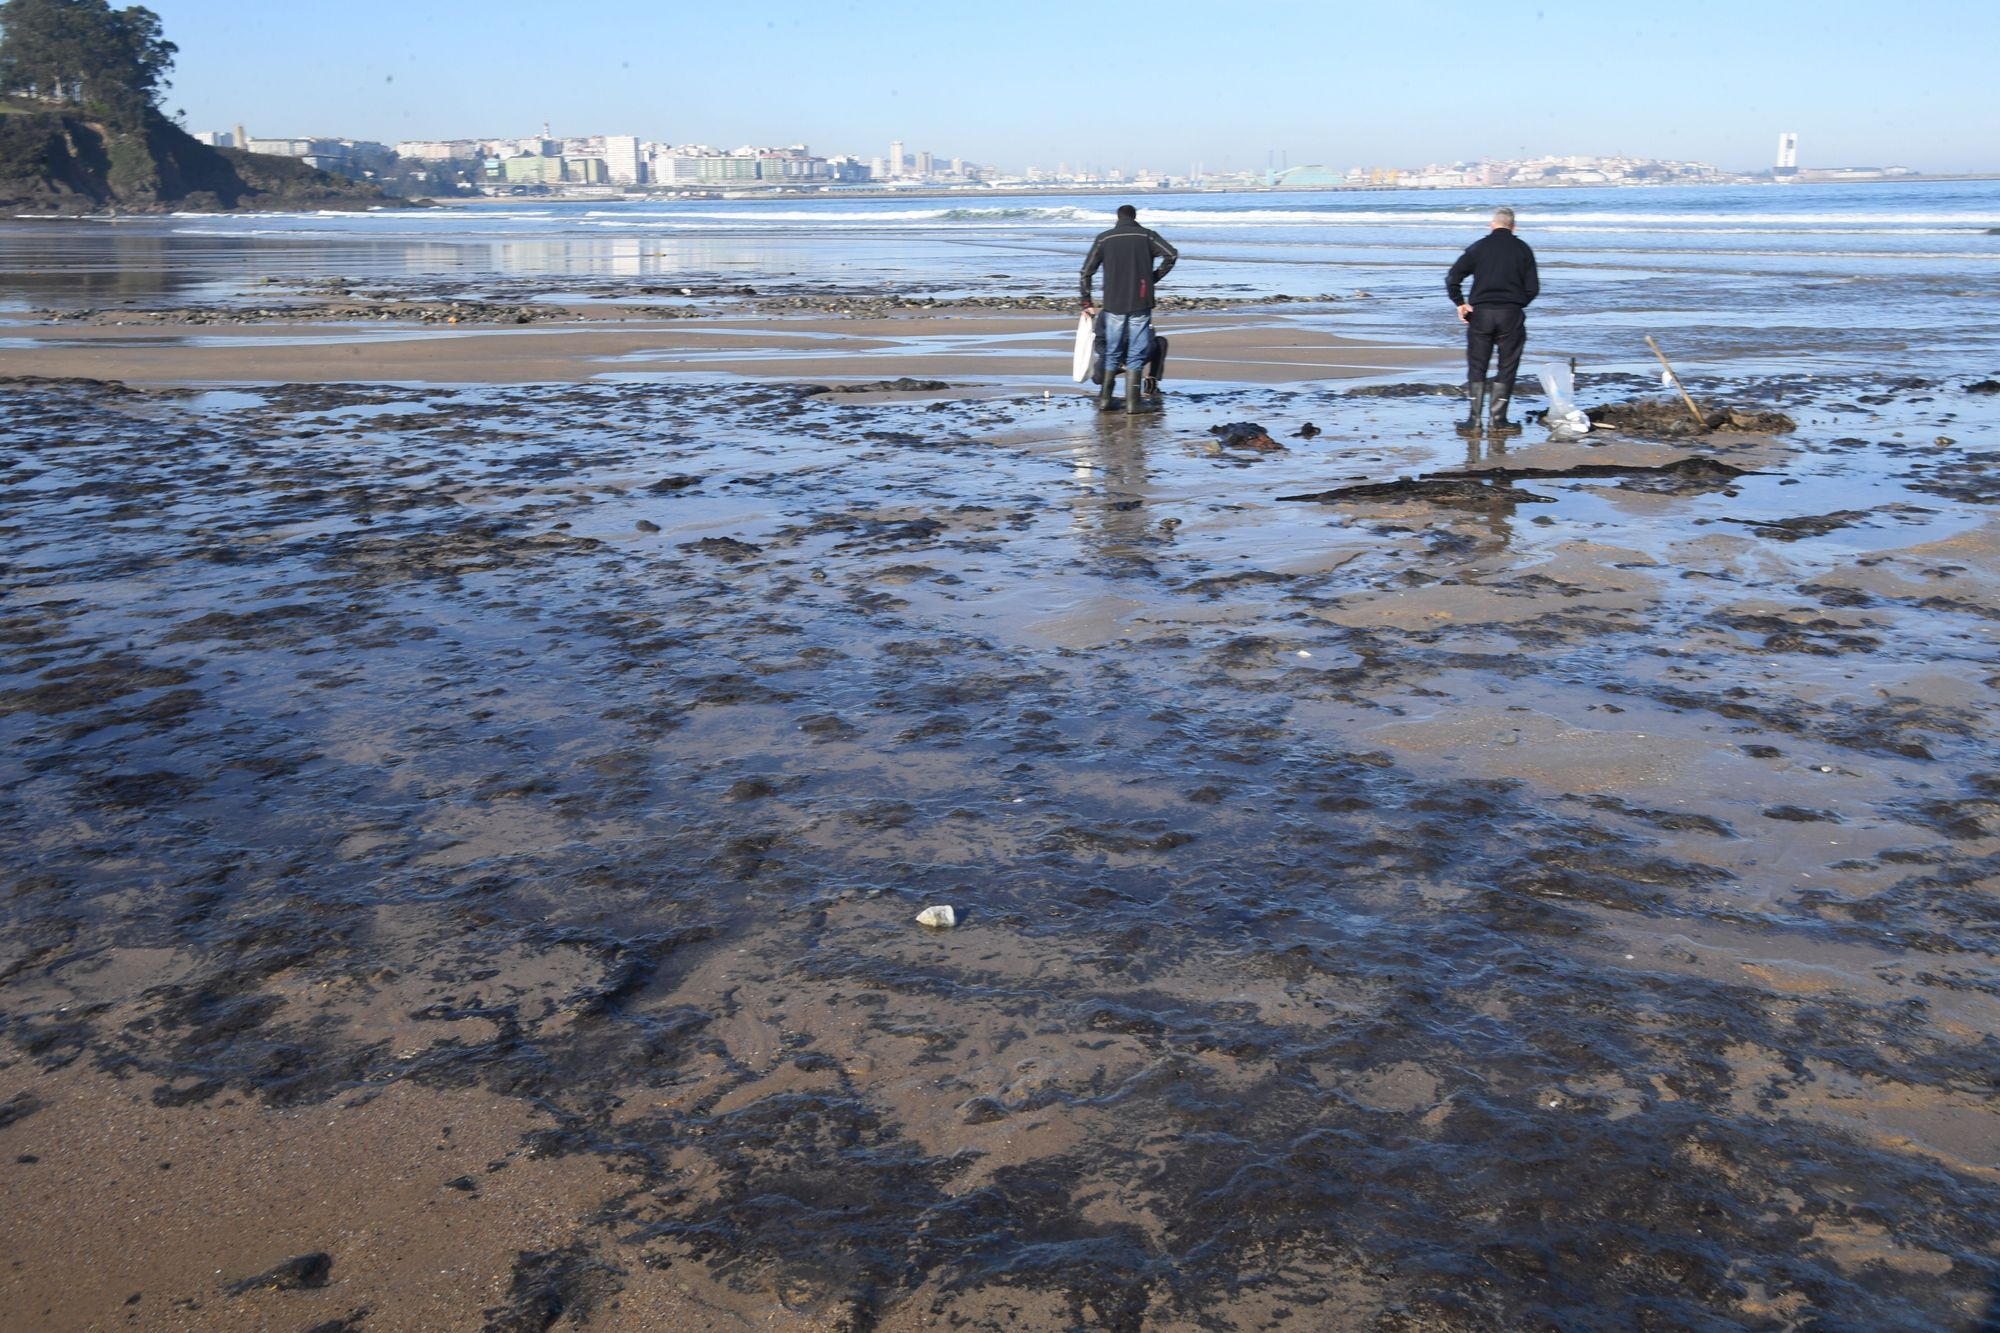 Los temporales dejan a la vista antiguos restos de fuel solidificados en la playa de Bastiagueiro